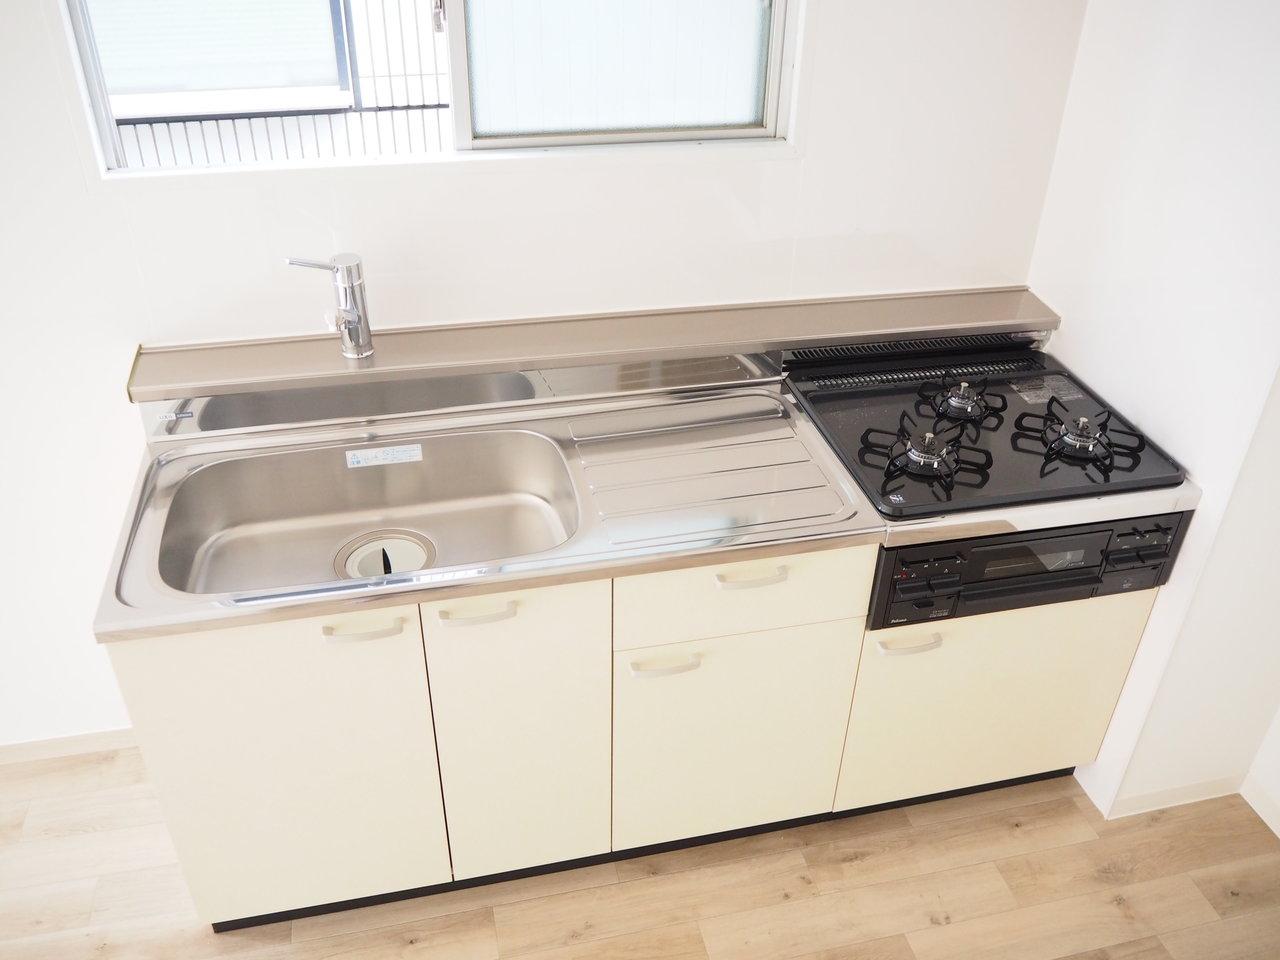 キッチンも3口コンロで、シンクも広く、使い勝手がよさそう。キッチンそばに小窓があるのもうれしい。優しい気持ちでお料理がはかどりそう。